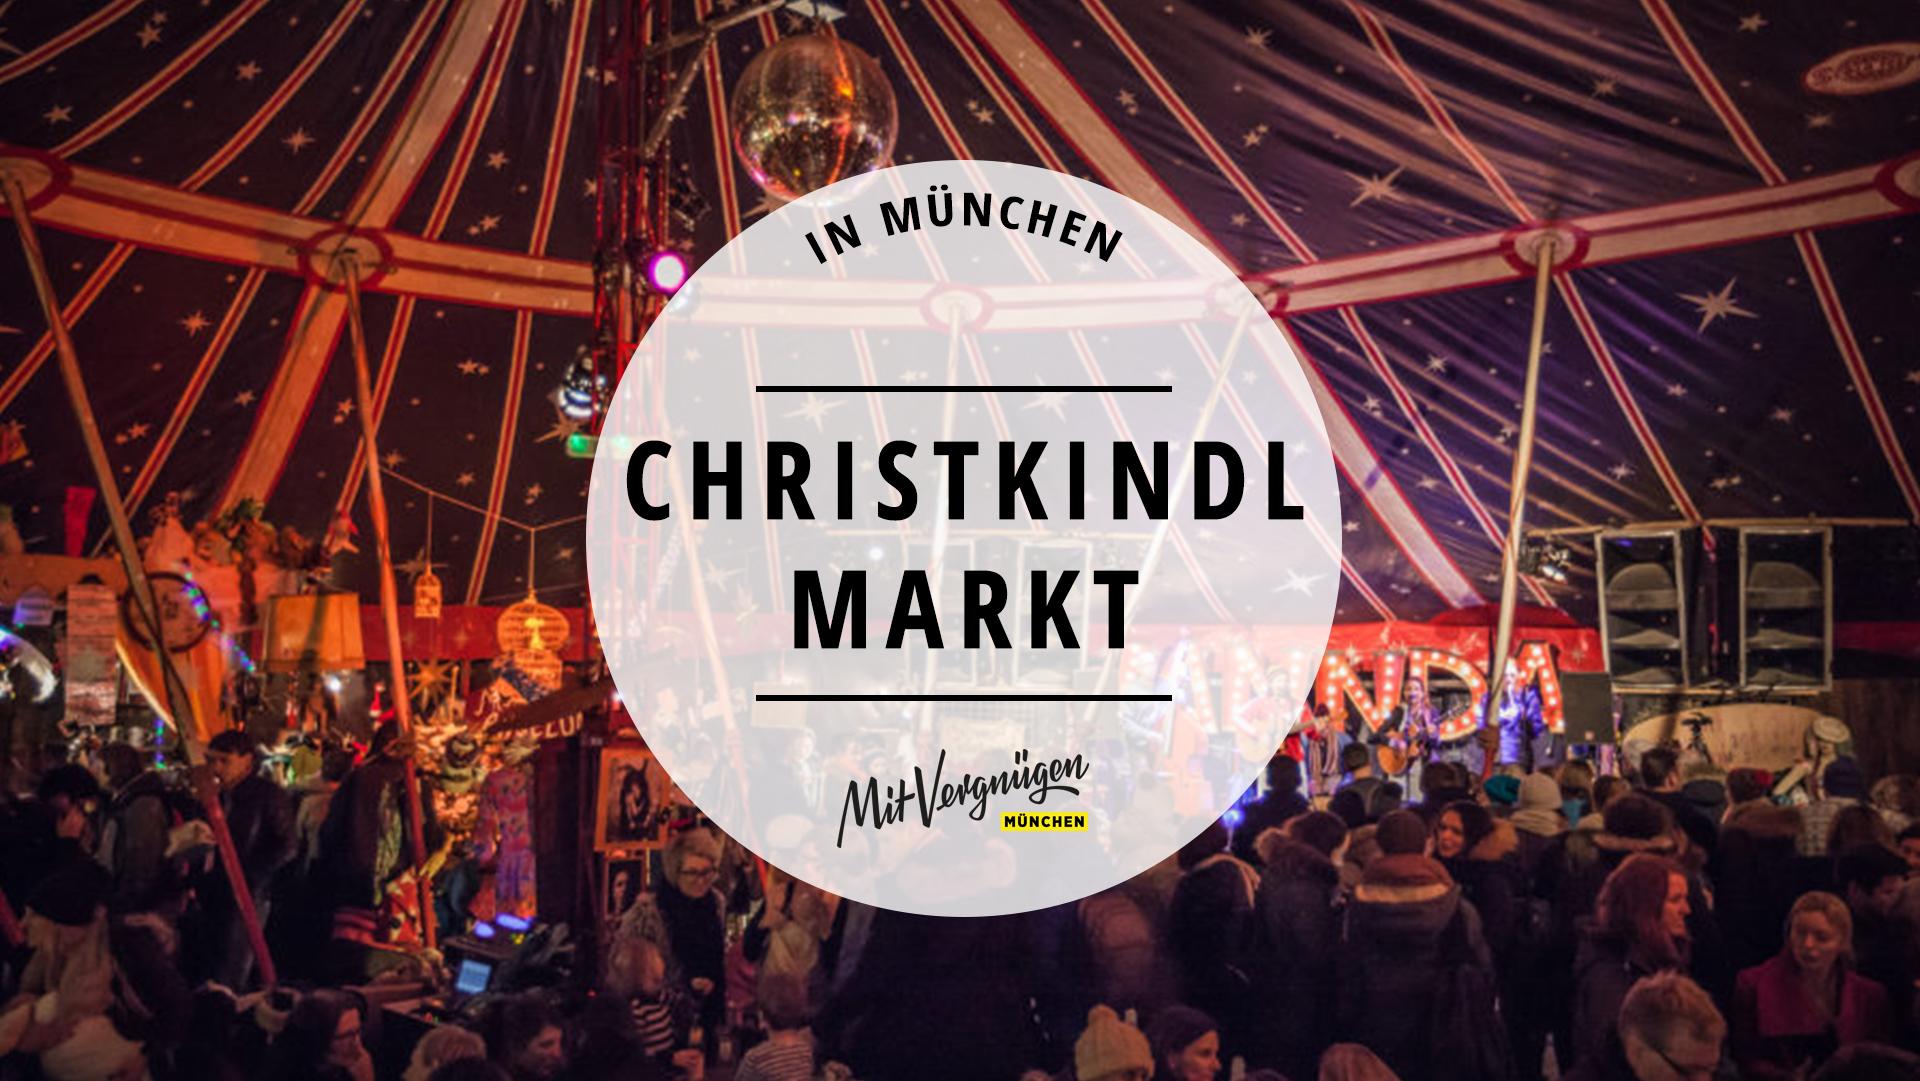 Münchner Weihnachtsmarkt 2019.11 Wunderschöne Weihnachtsmärkte In München 2018 Mit Vergnügen München